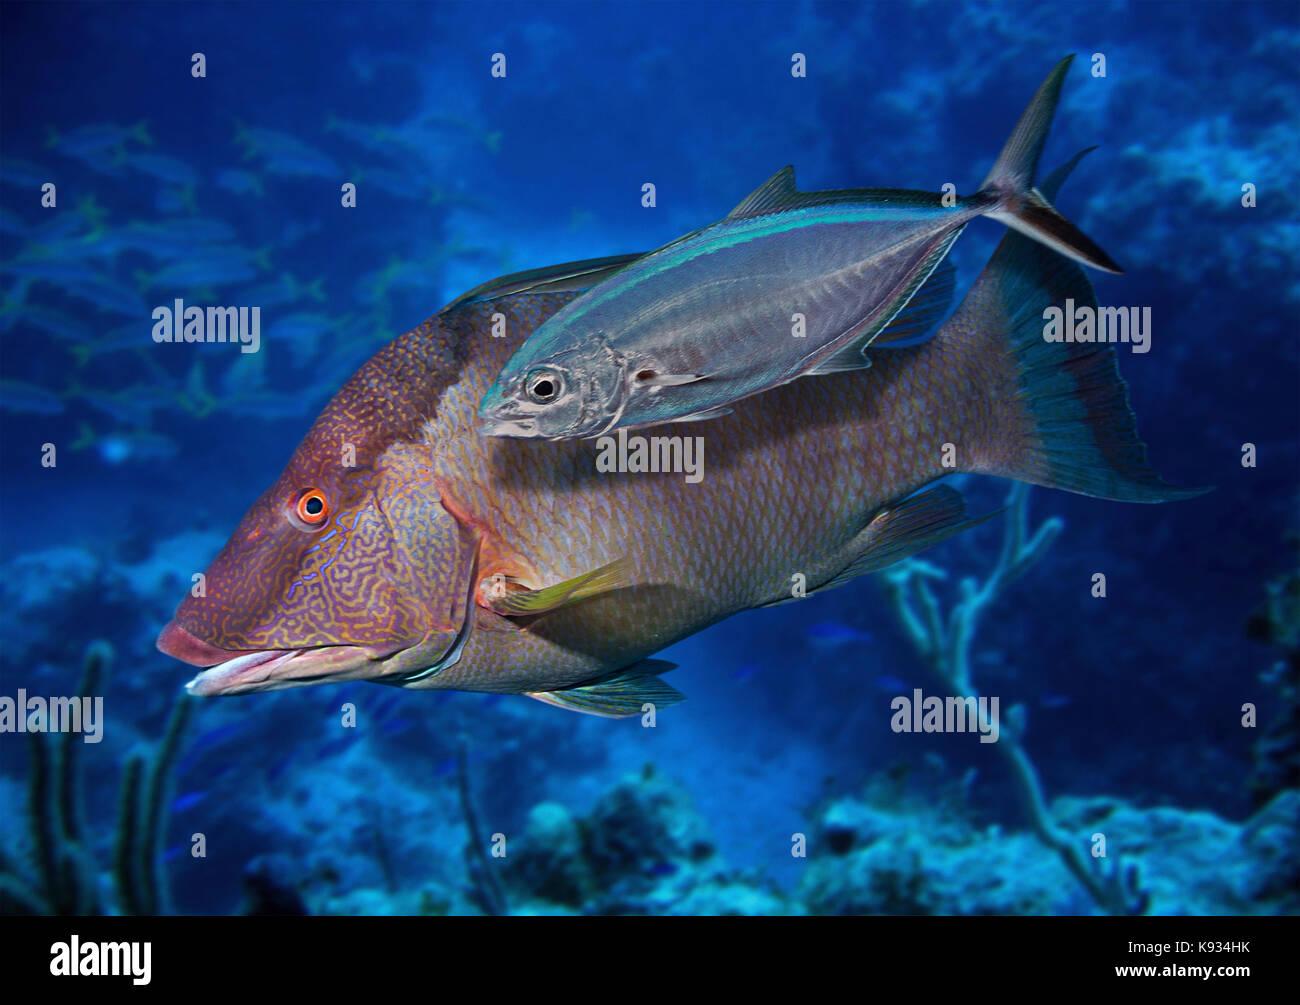 Barra juvenil jack, caranx ruber, remedar una hogfish, lachnolaimus maximus. El joven Jack oculta cerca del cuerpo Imagen De Stock